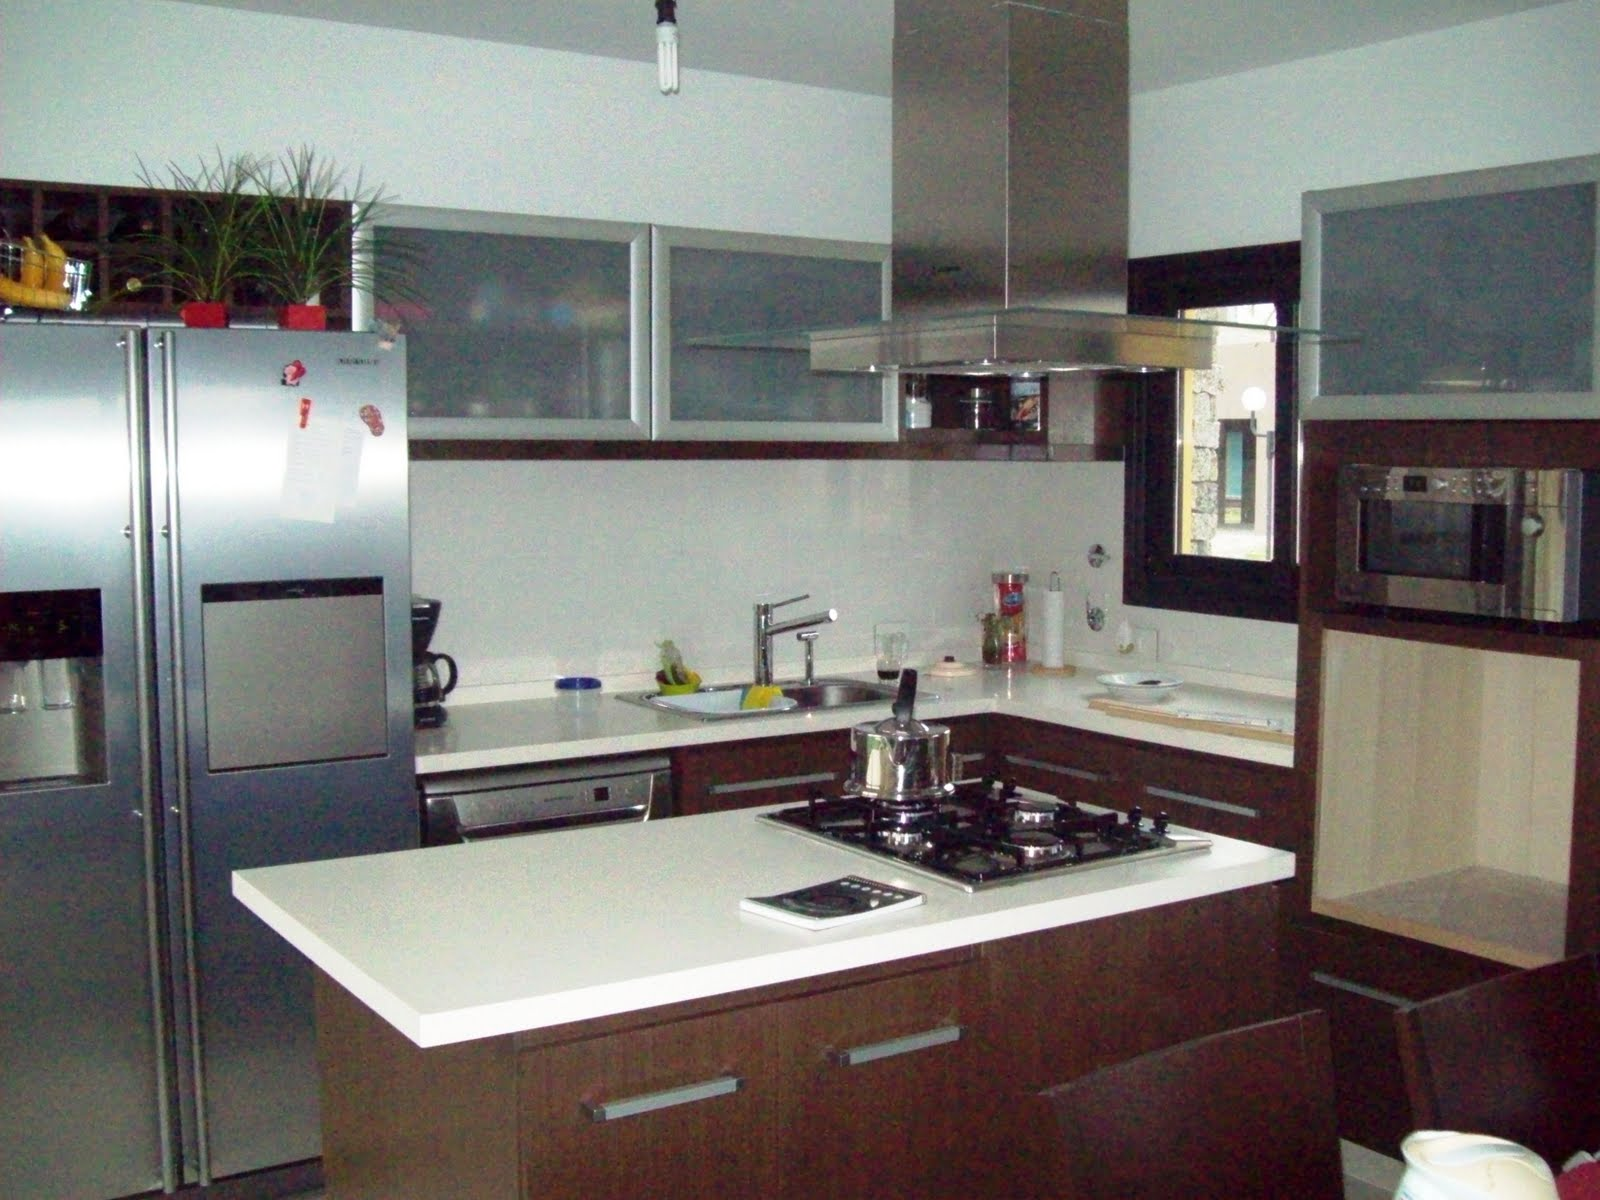 Ag amoblamientos cocinas y vestidores isla central for Modelos de islas para cocinas pequenas